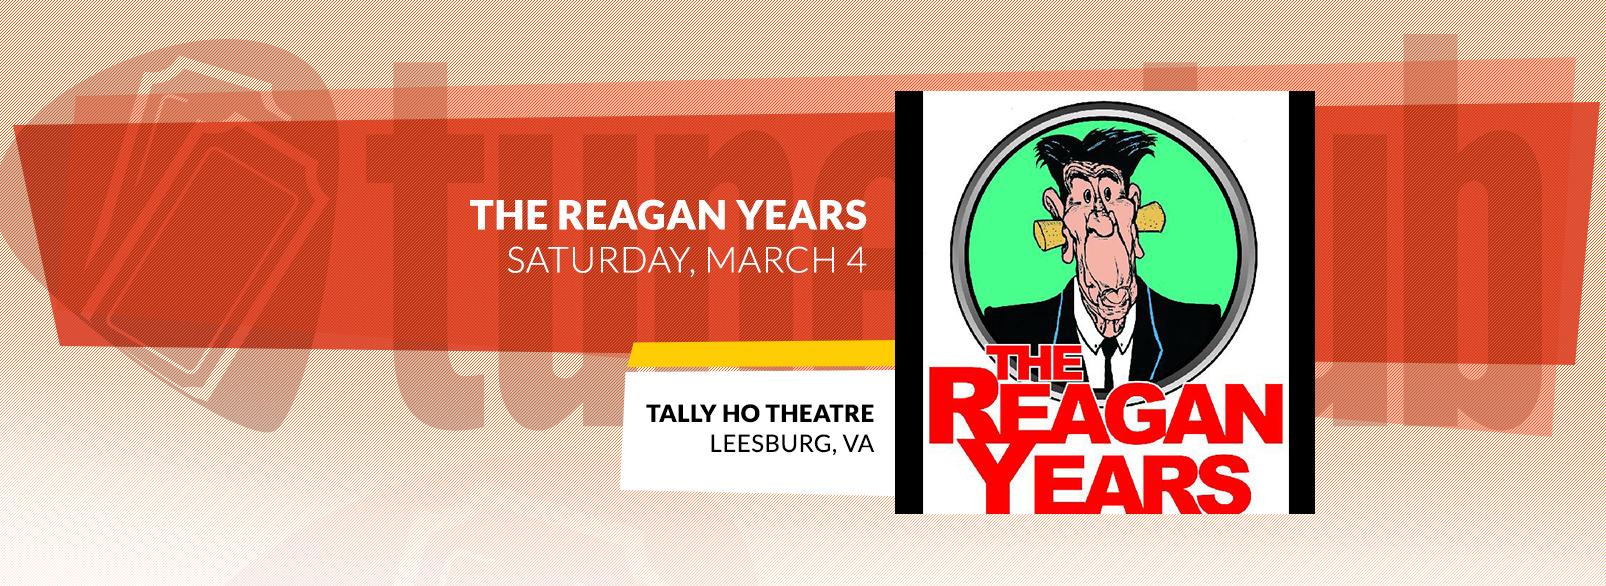 The Reagan Years @ Tally Ho Theatre